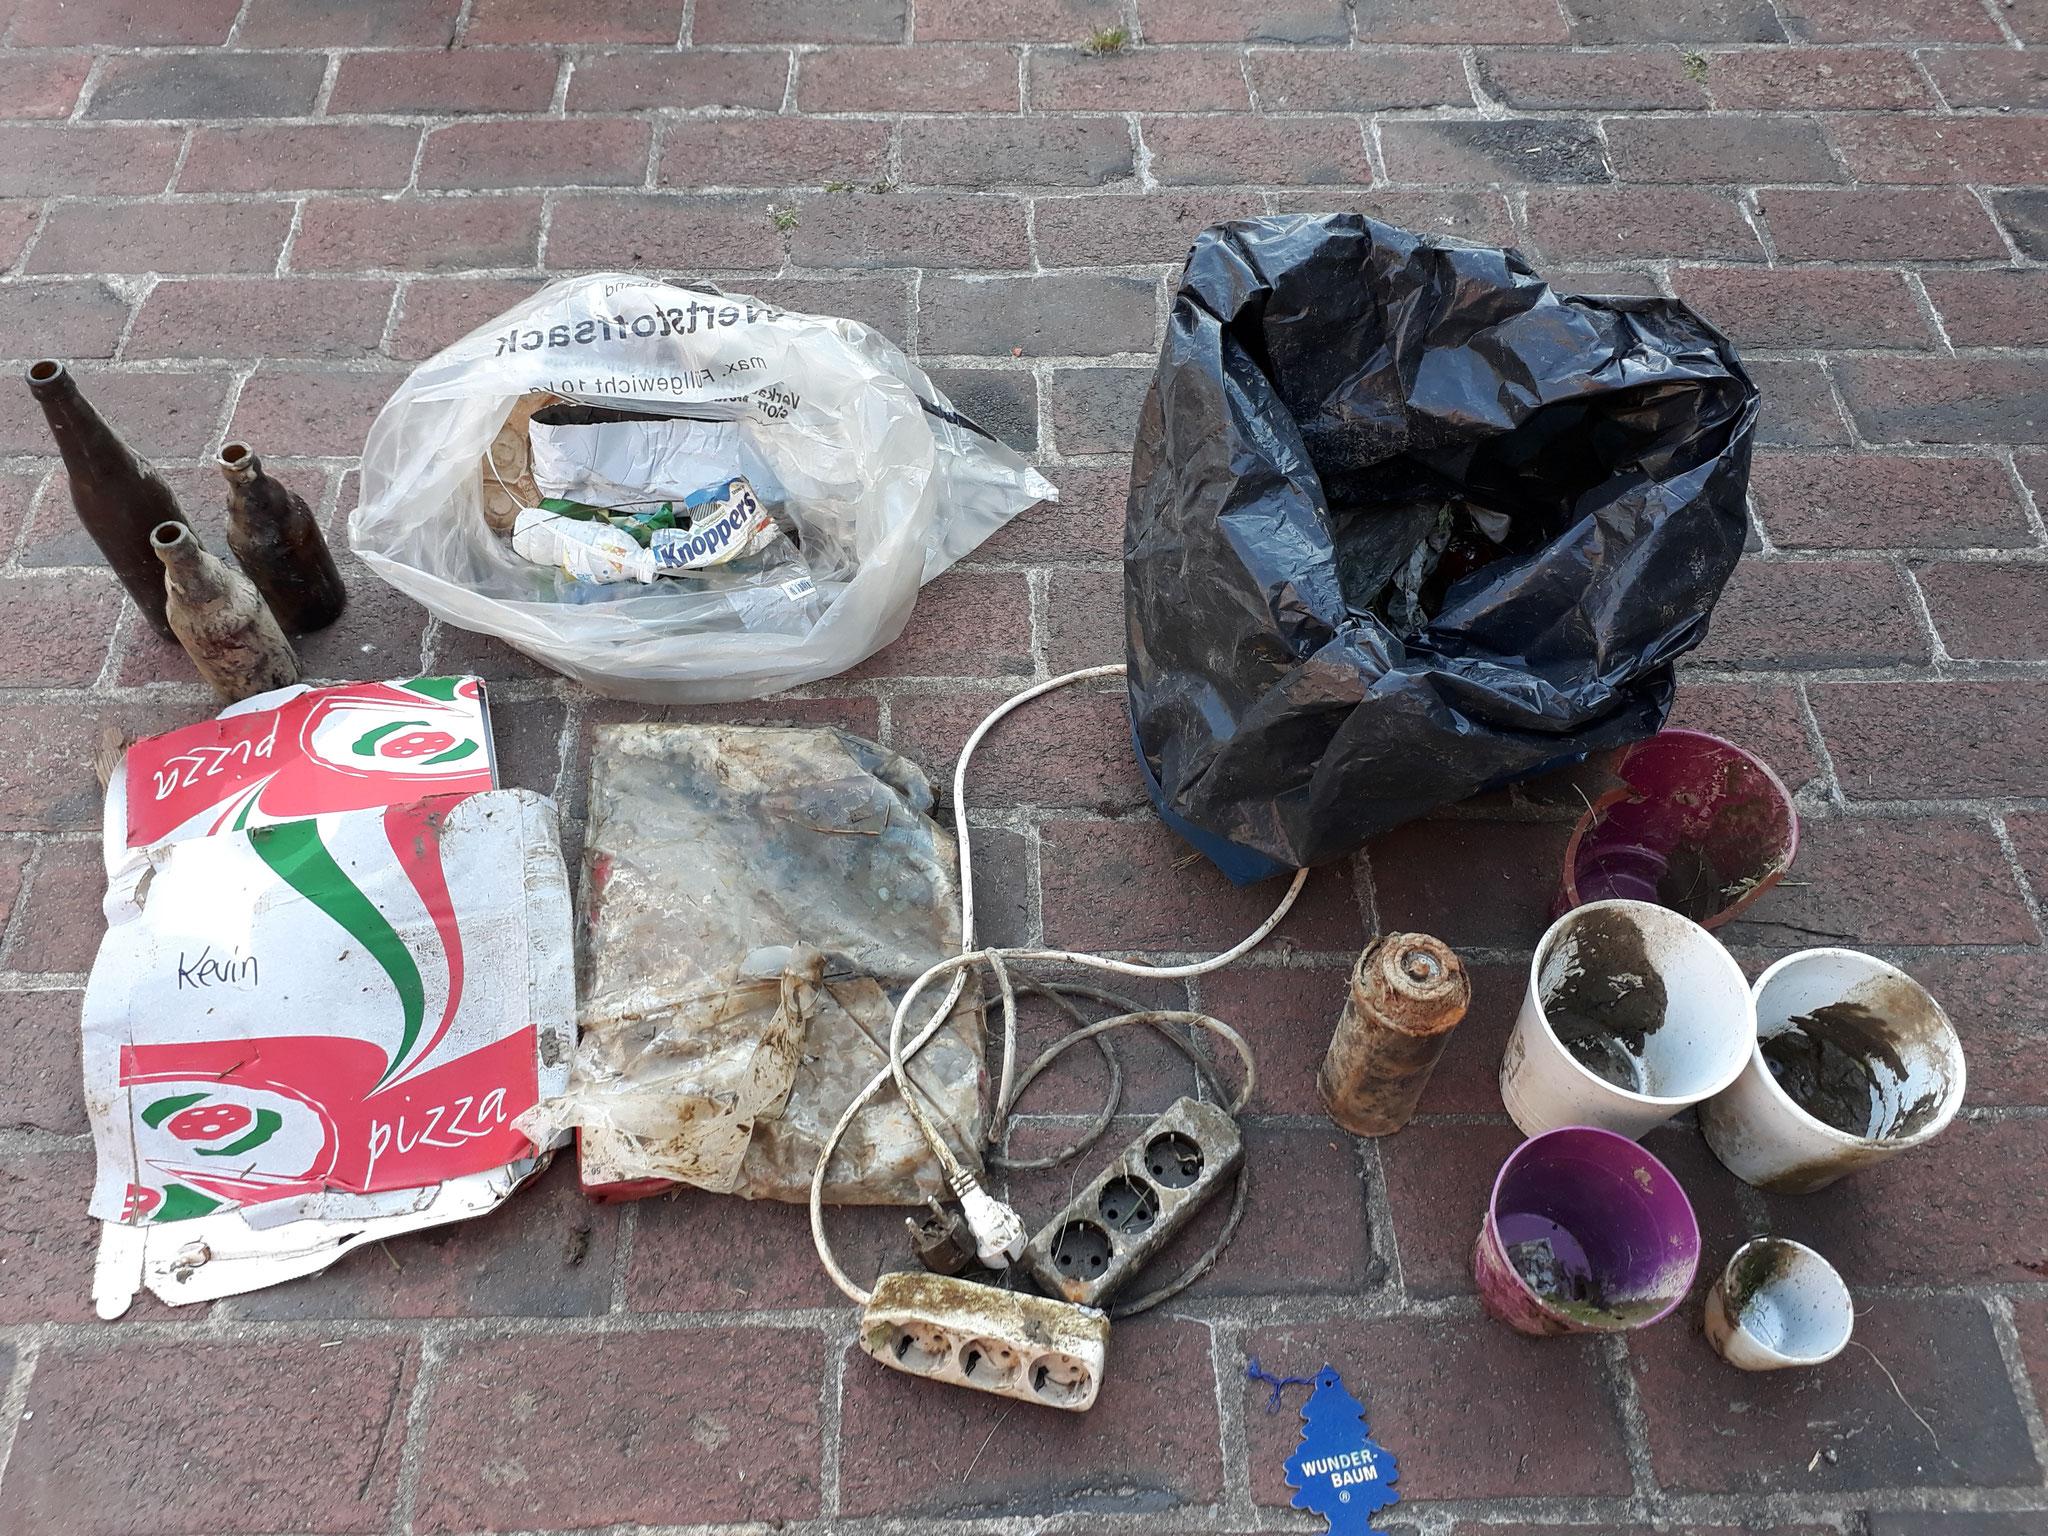 Müll-Sammlung am Regenrückhaltebecken in Luhden 2020 (Foto: J. Auras)